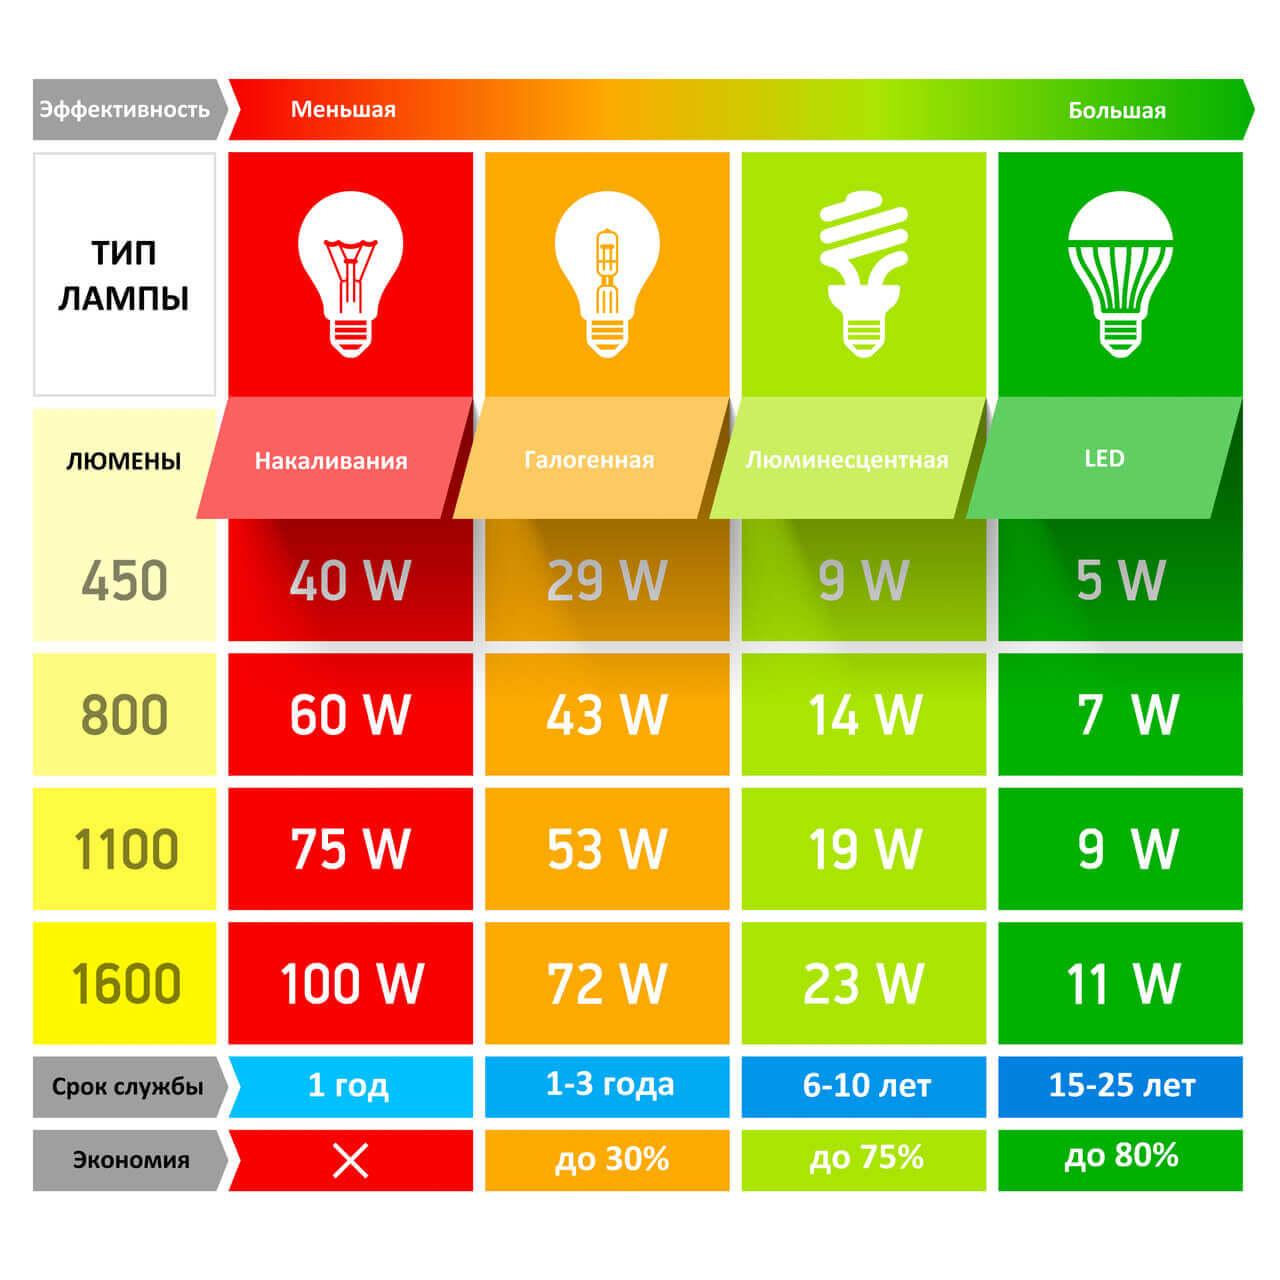 Преимущества LED-лампочек